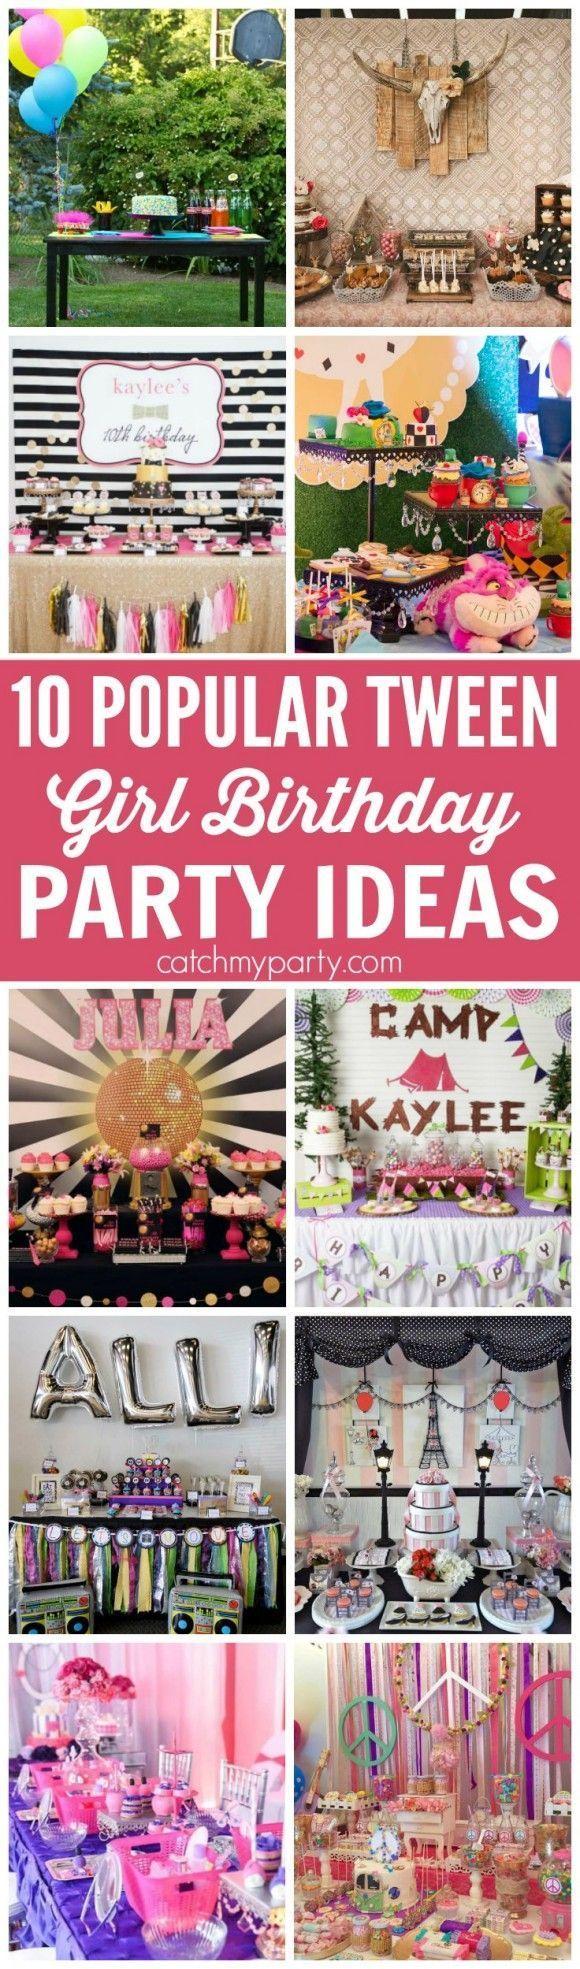 10 Popular Tween Girl Birthday Party Ideas Tween Girl Birthday Birthday Party For Teens Tween Birthday Party